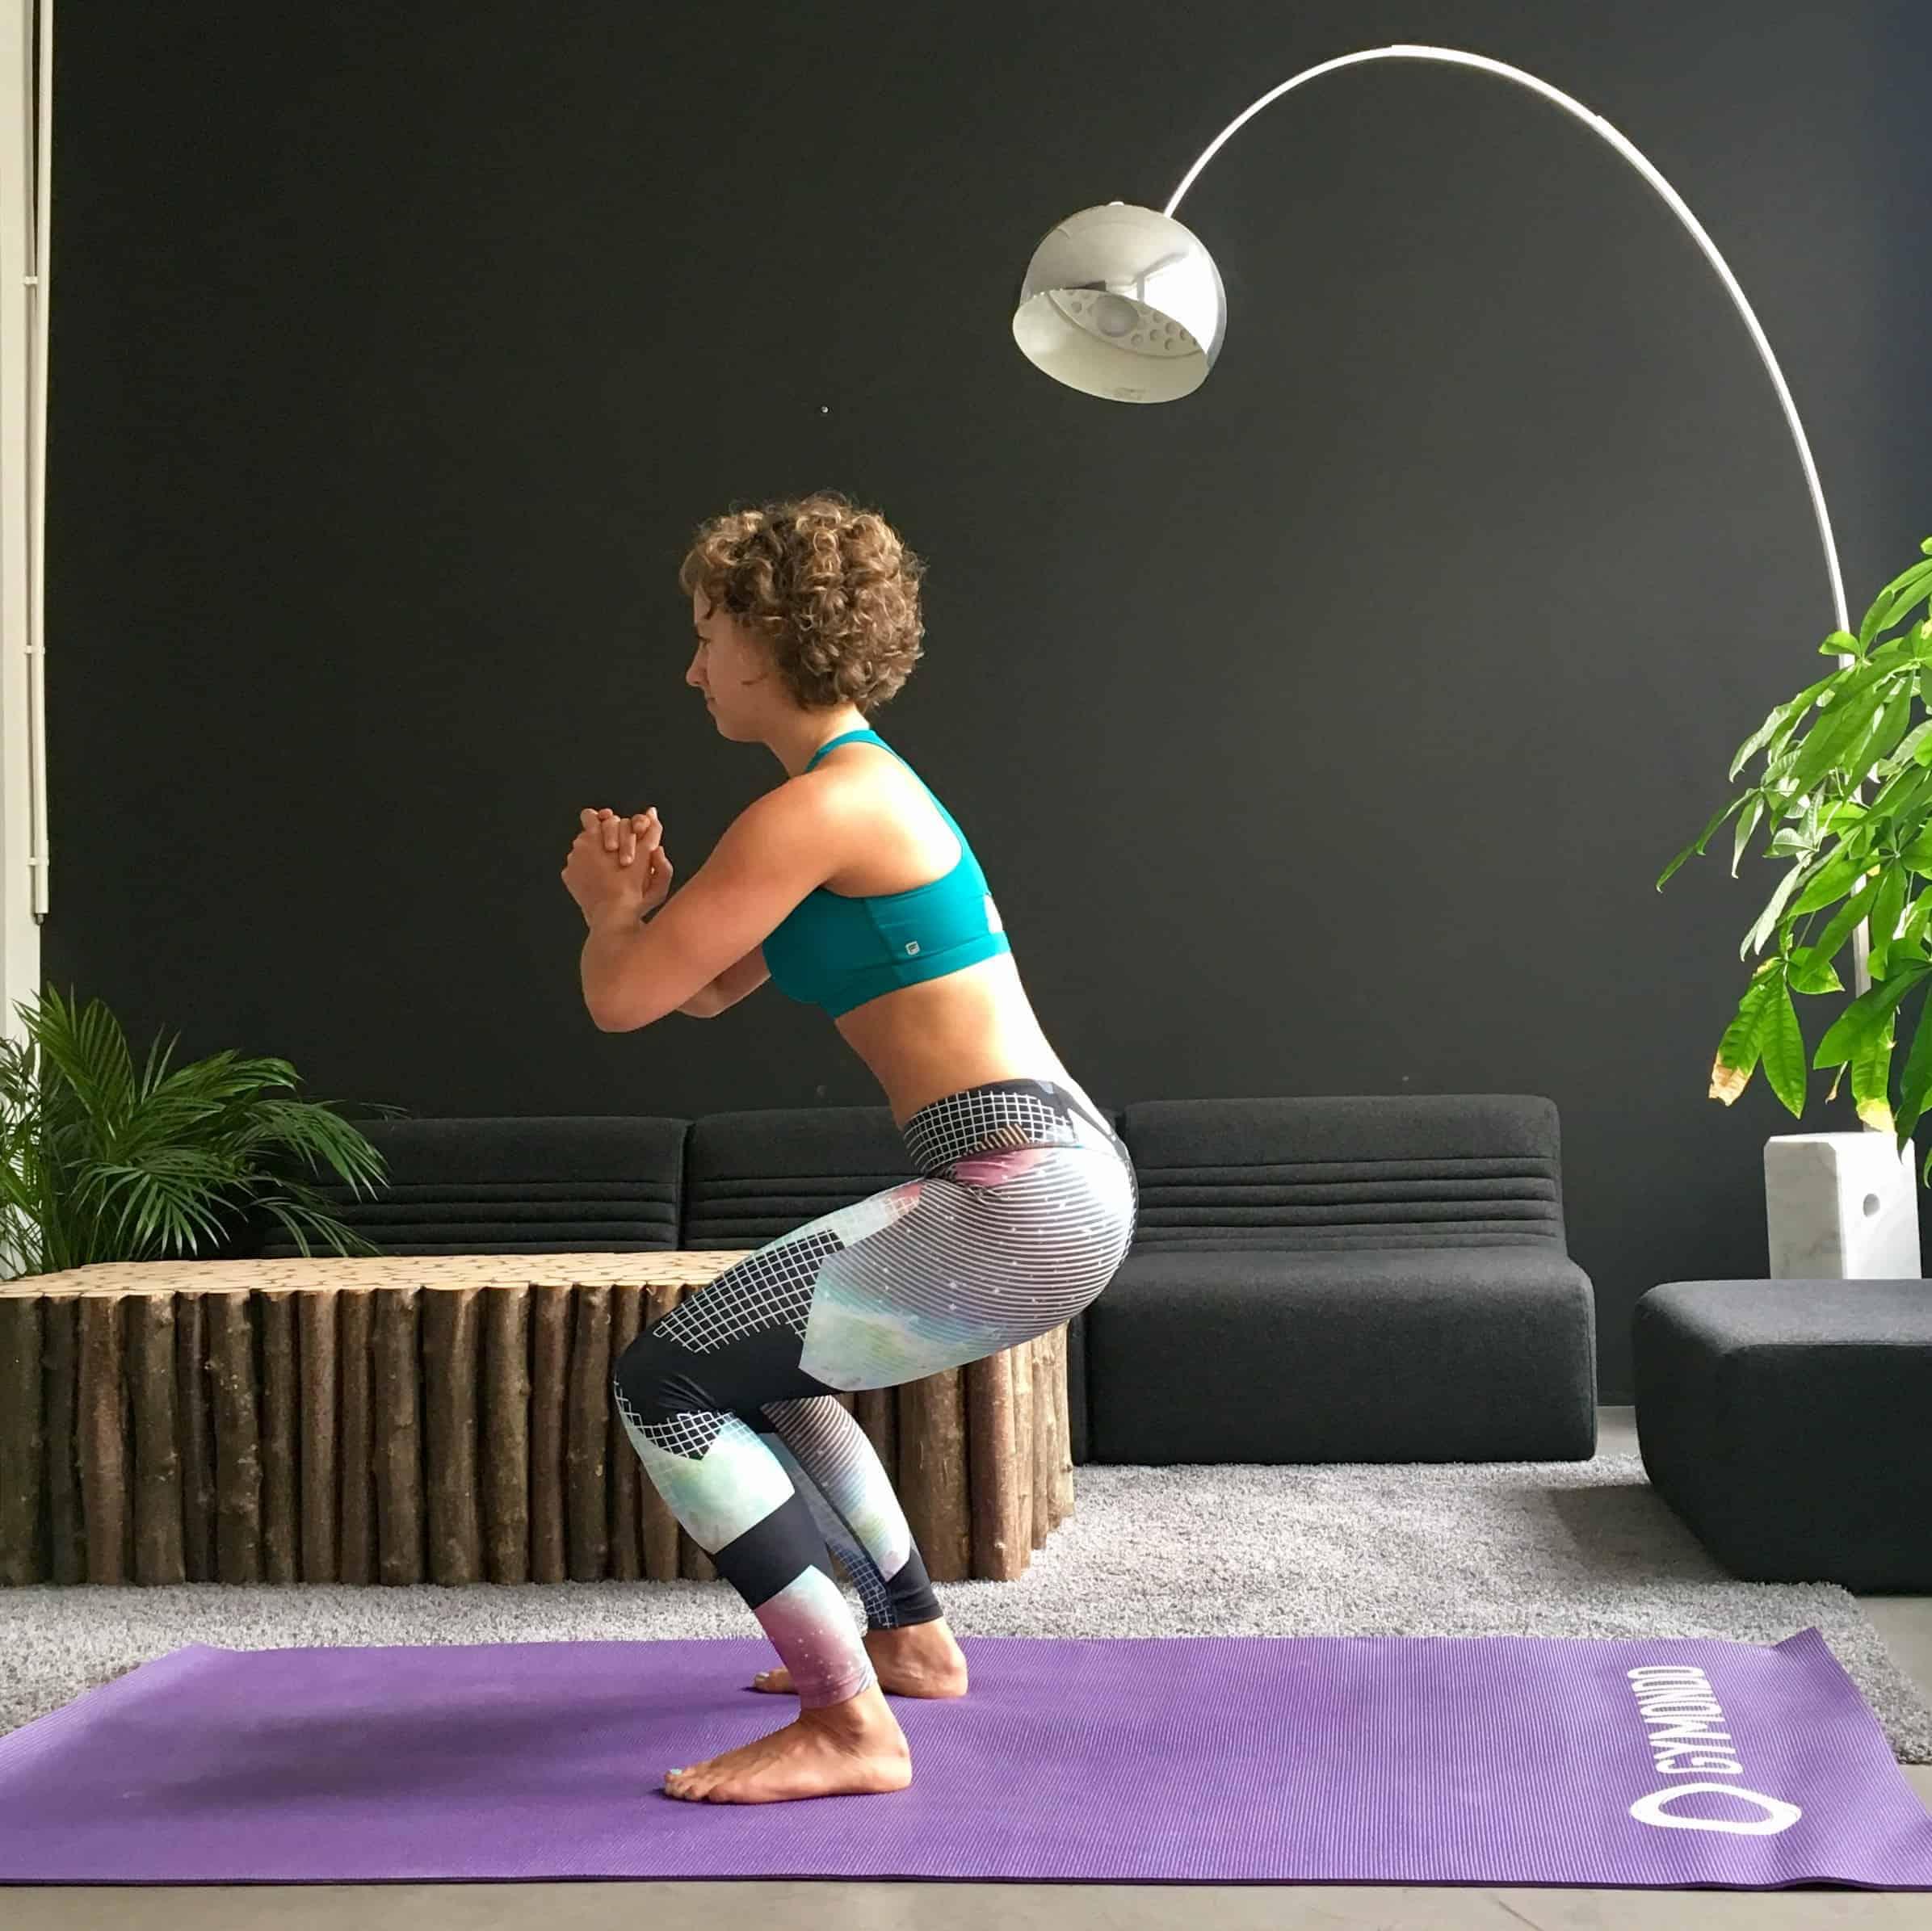 Frau macht Squats auf lila trainingsmatte